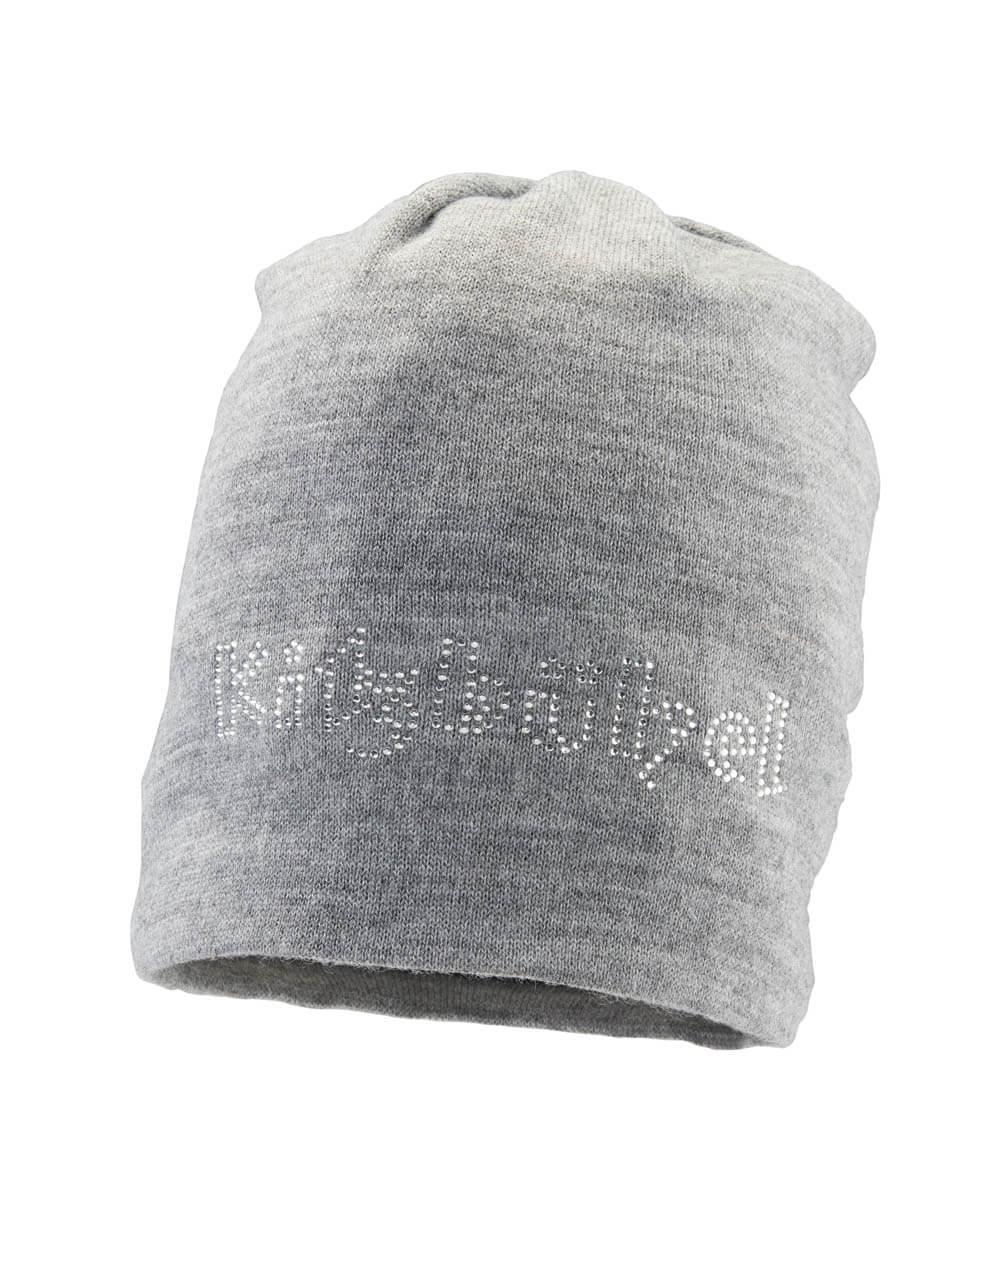 701236015 Damen Mütze grau glitzer